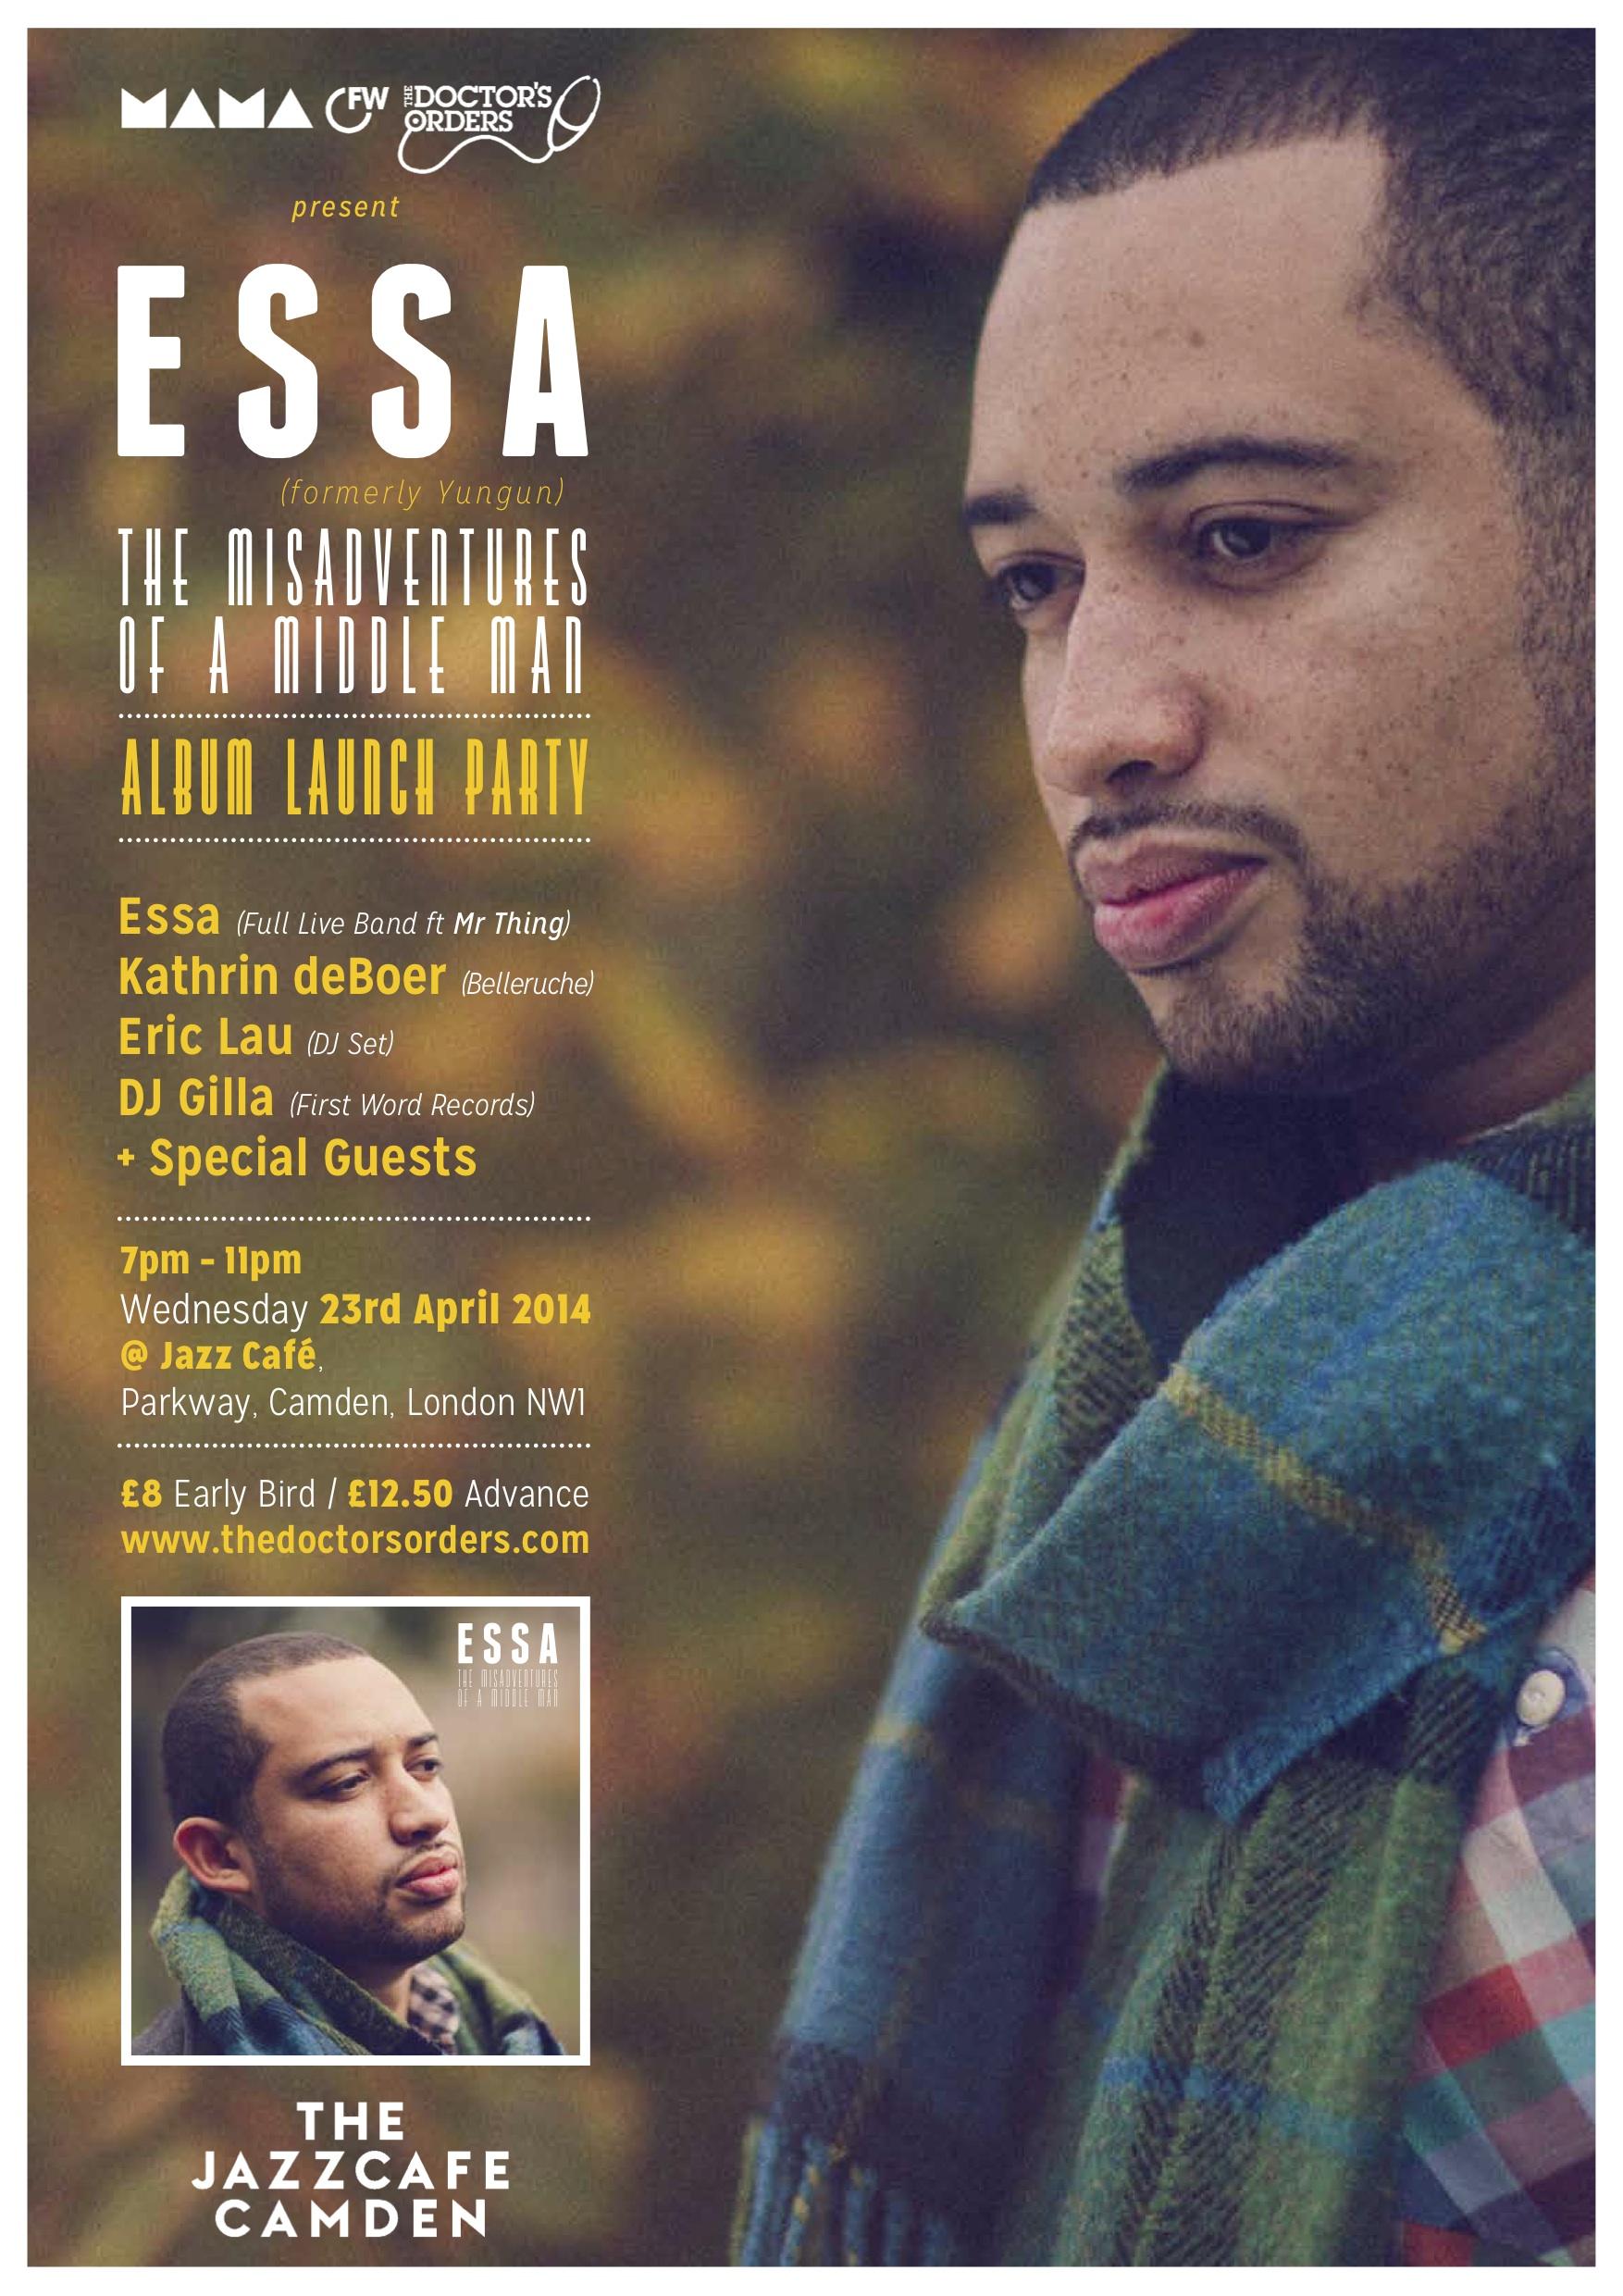 ESSA_-Essa-album_JAZZCAFE_A3V1